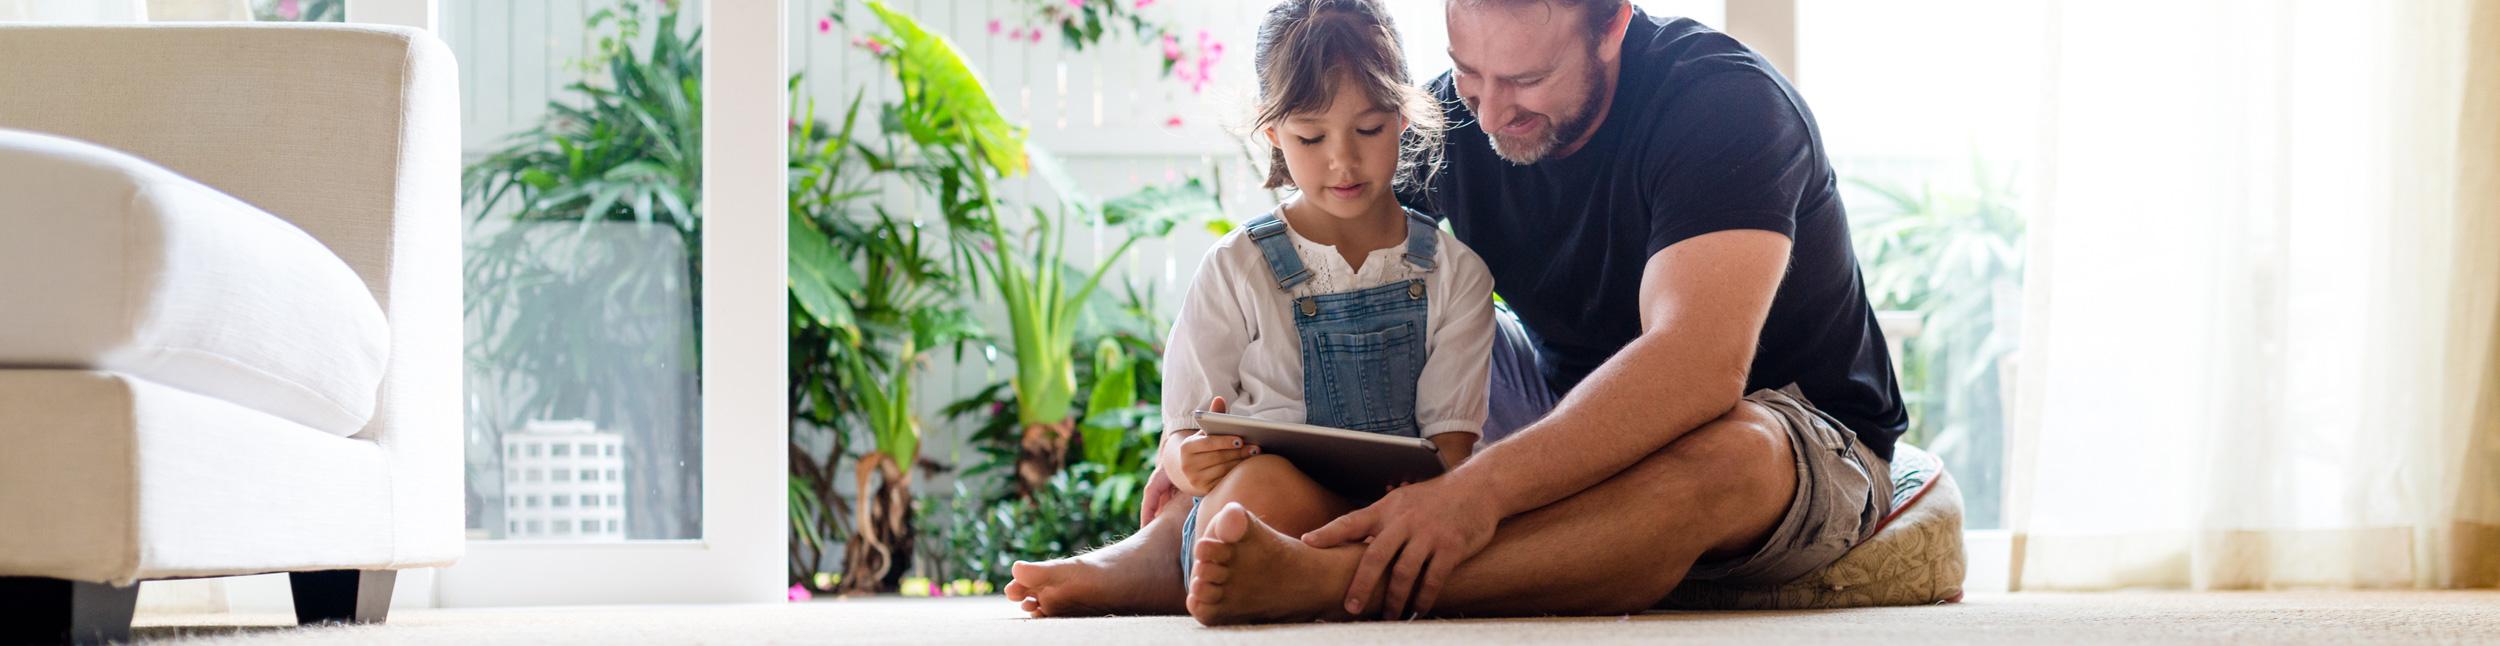 Vater und Tochter entspannen auf dem Fussboden. Dank Fussbodenheizungen der Firma Haesler AG, wird Ihr Fussboden zu einem Entspannungsort.